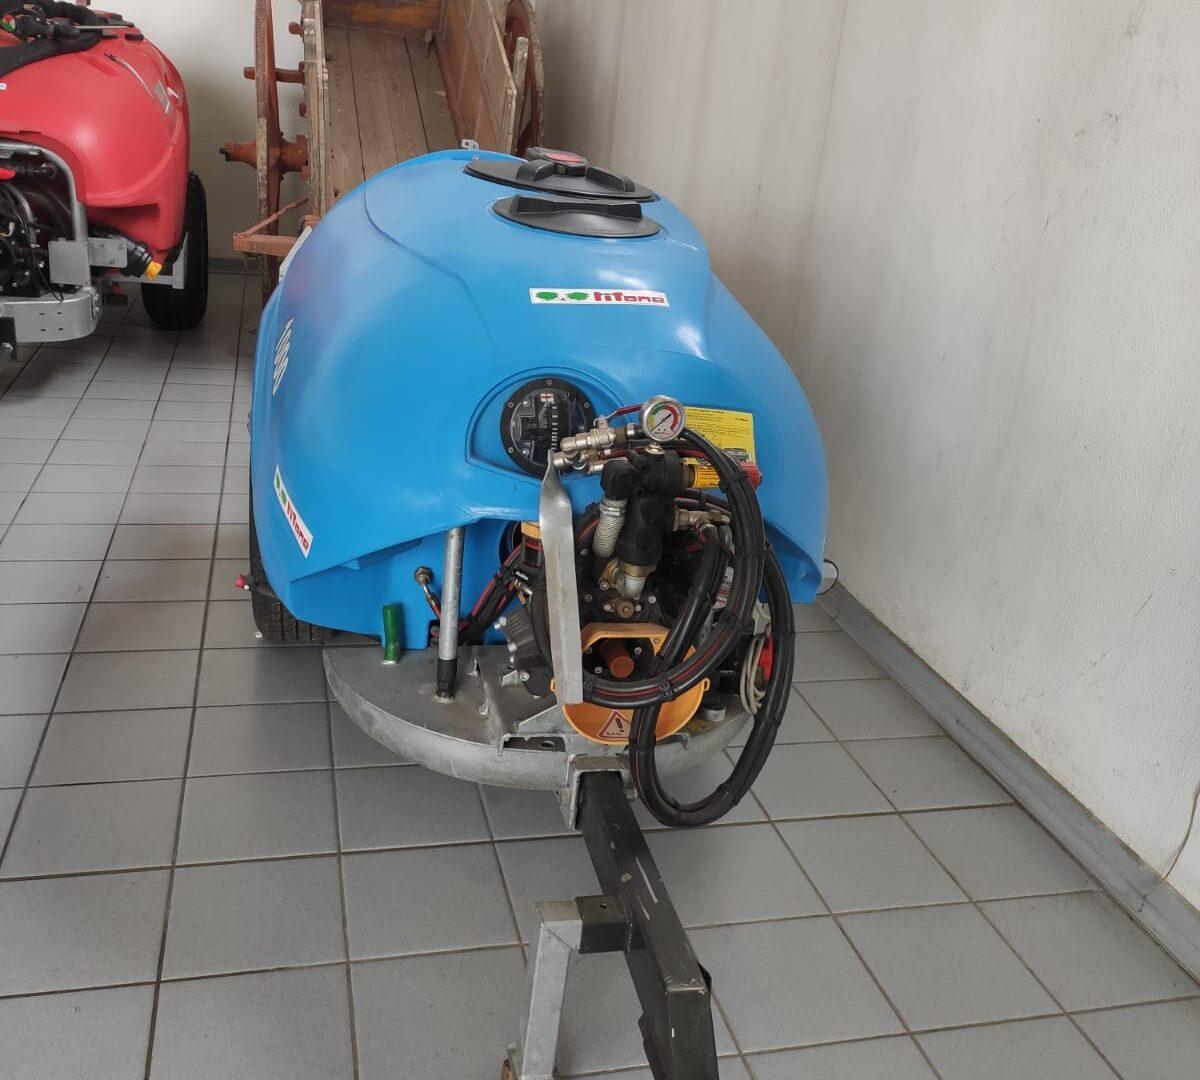 Atomizzatore nuovo Tifone 1000 32 E in provincia di Cosenza